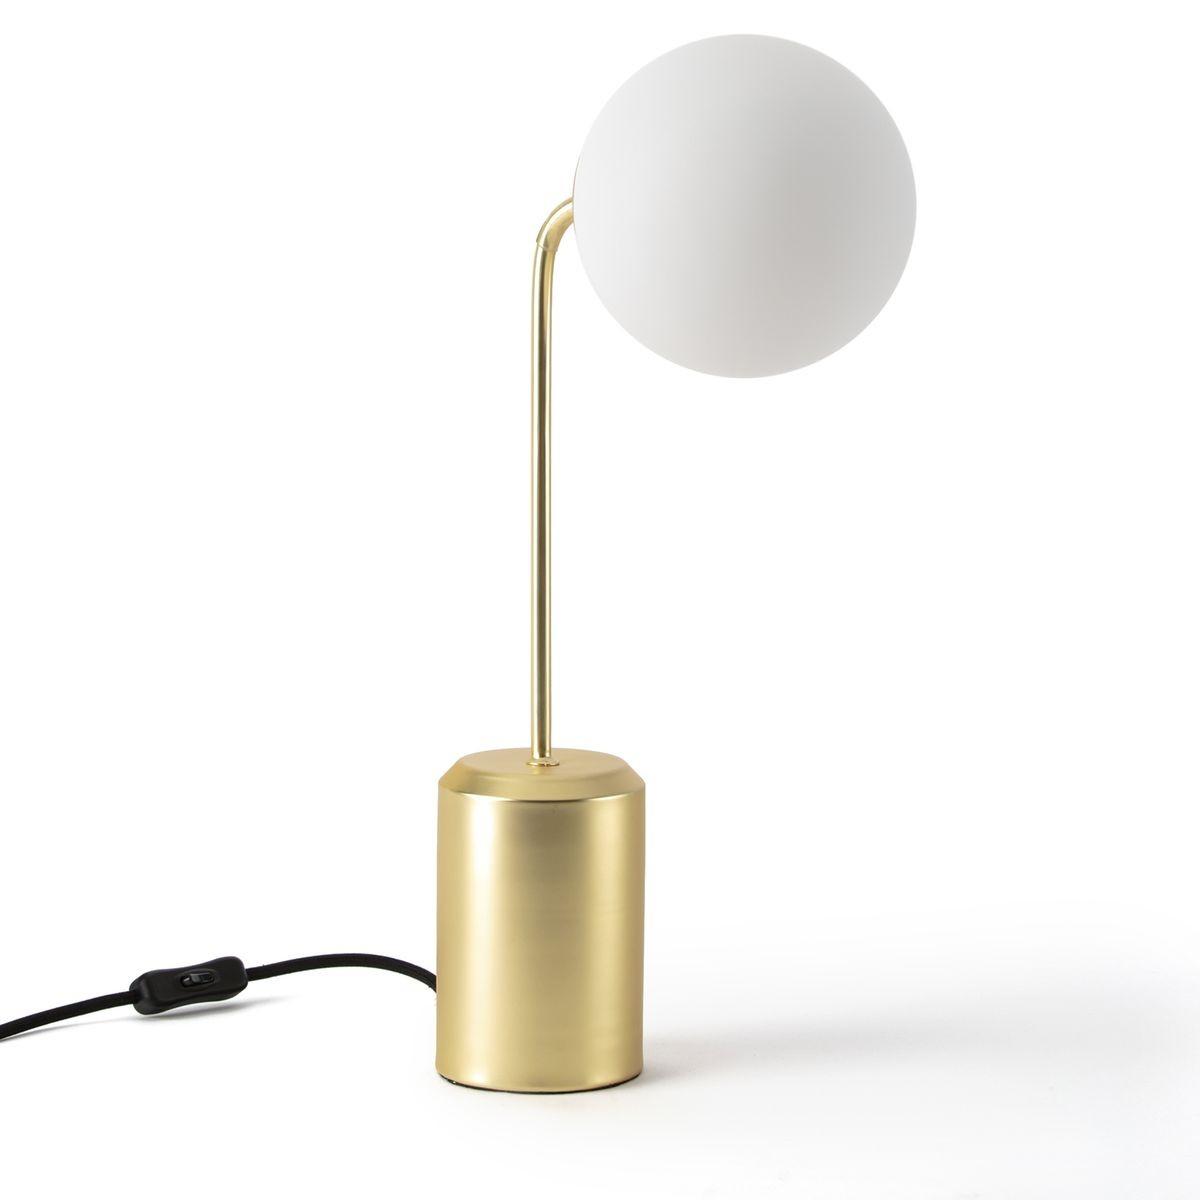 Lampe A Poser Laiton Et Opaline Moricio Lampe De Chevet Blanche Lampe A Poser Et Lumiere De Lampe